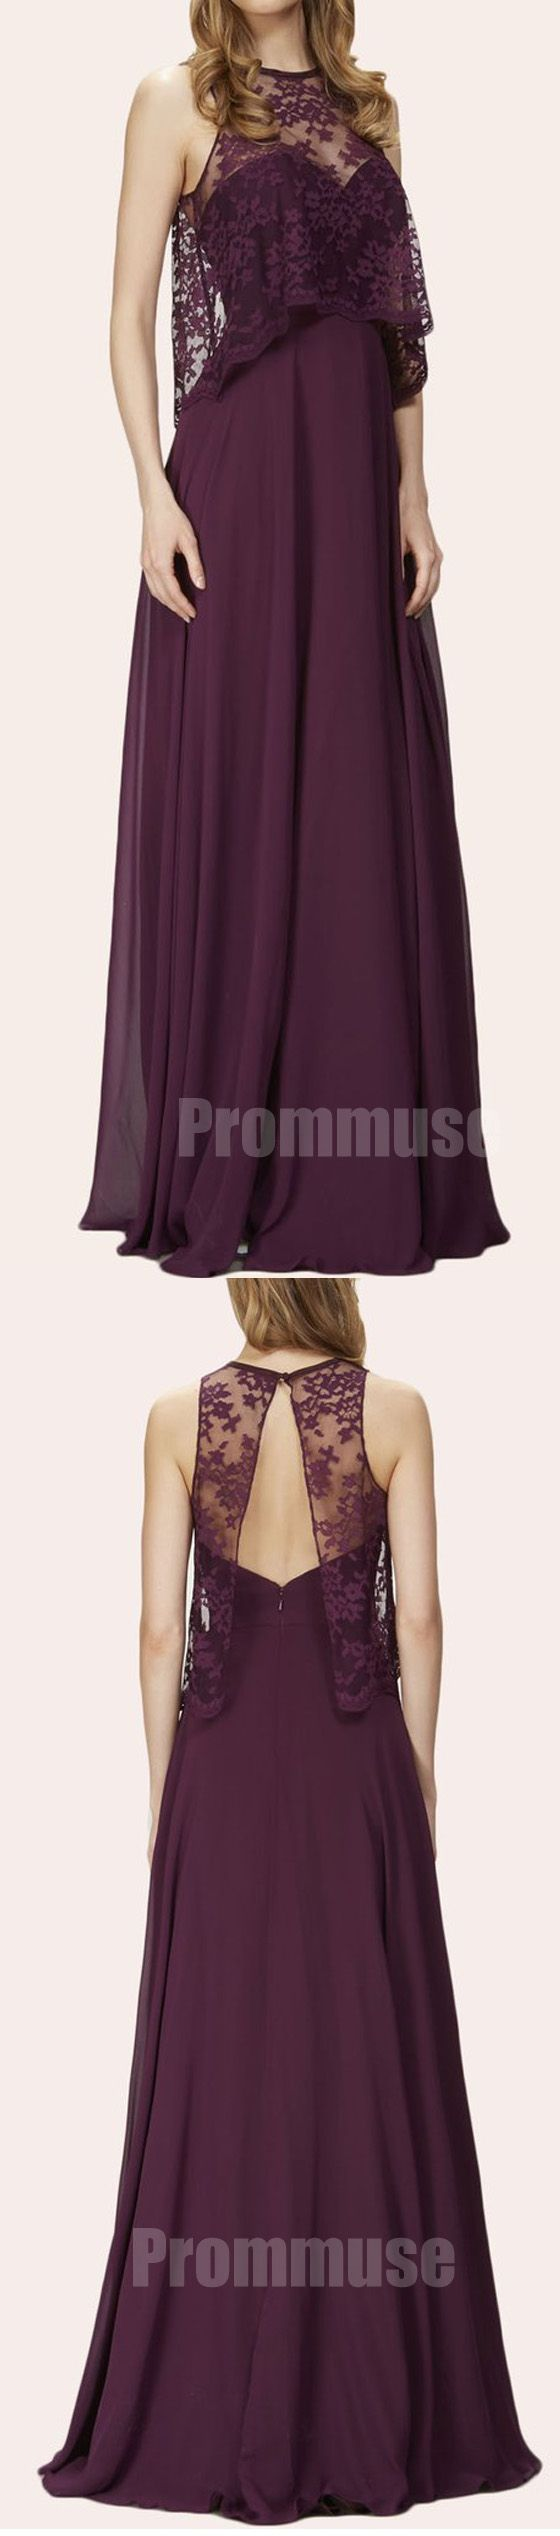 Unique Open Back Two Pieces Grape Cheap Long Bridesmaid Dresses, PM0817 #bridesmaids #wedding